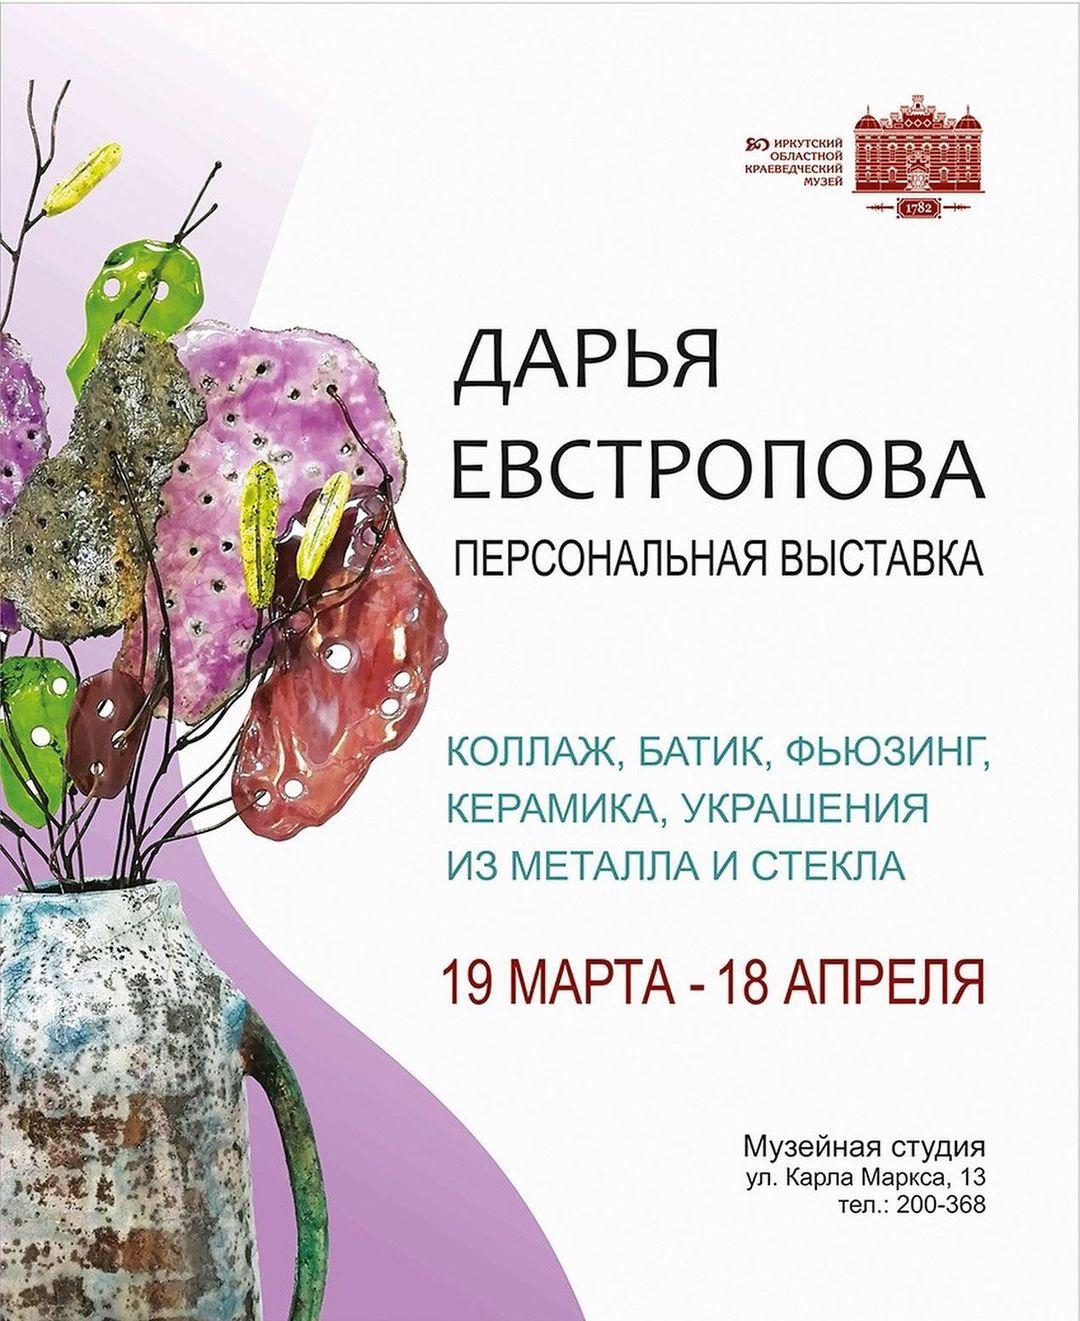 Выставка иркутского художника Дарьи Евстроповой